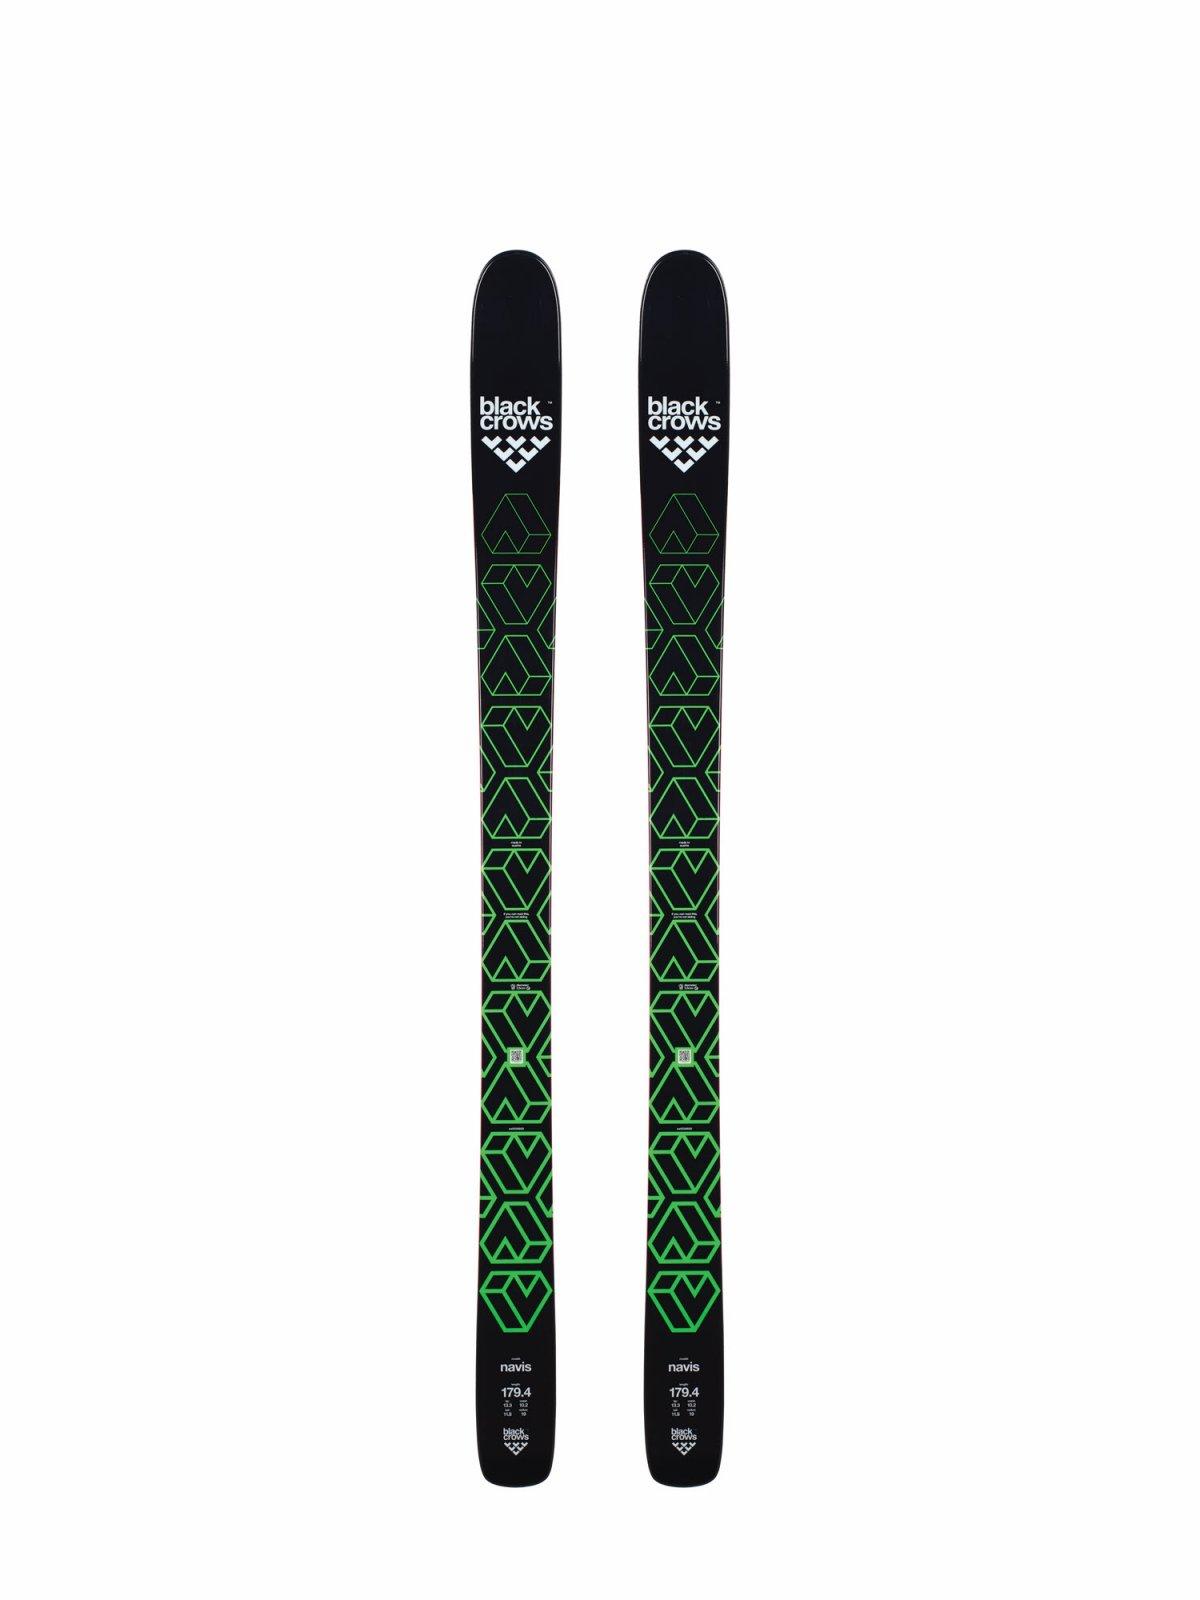 Black Crows 2019 Navis Skis